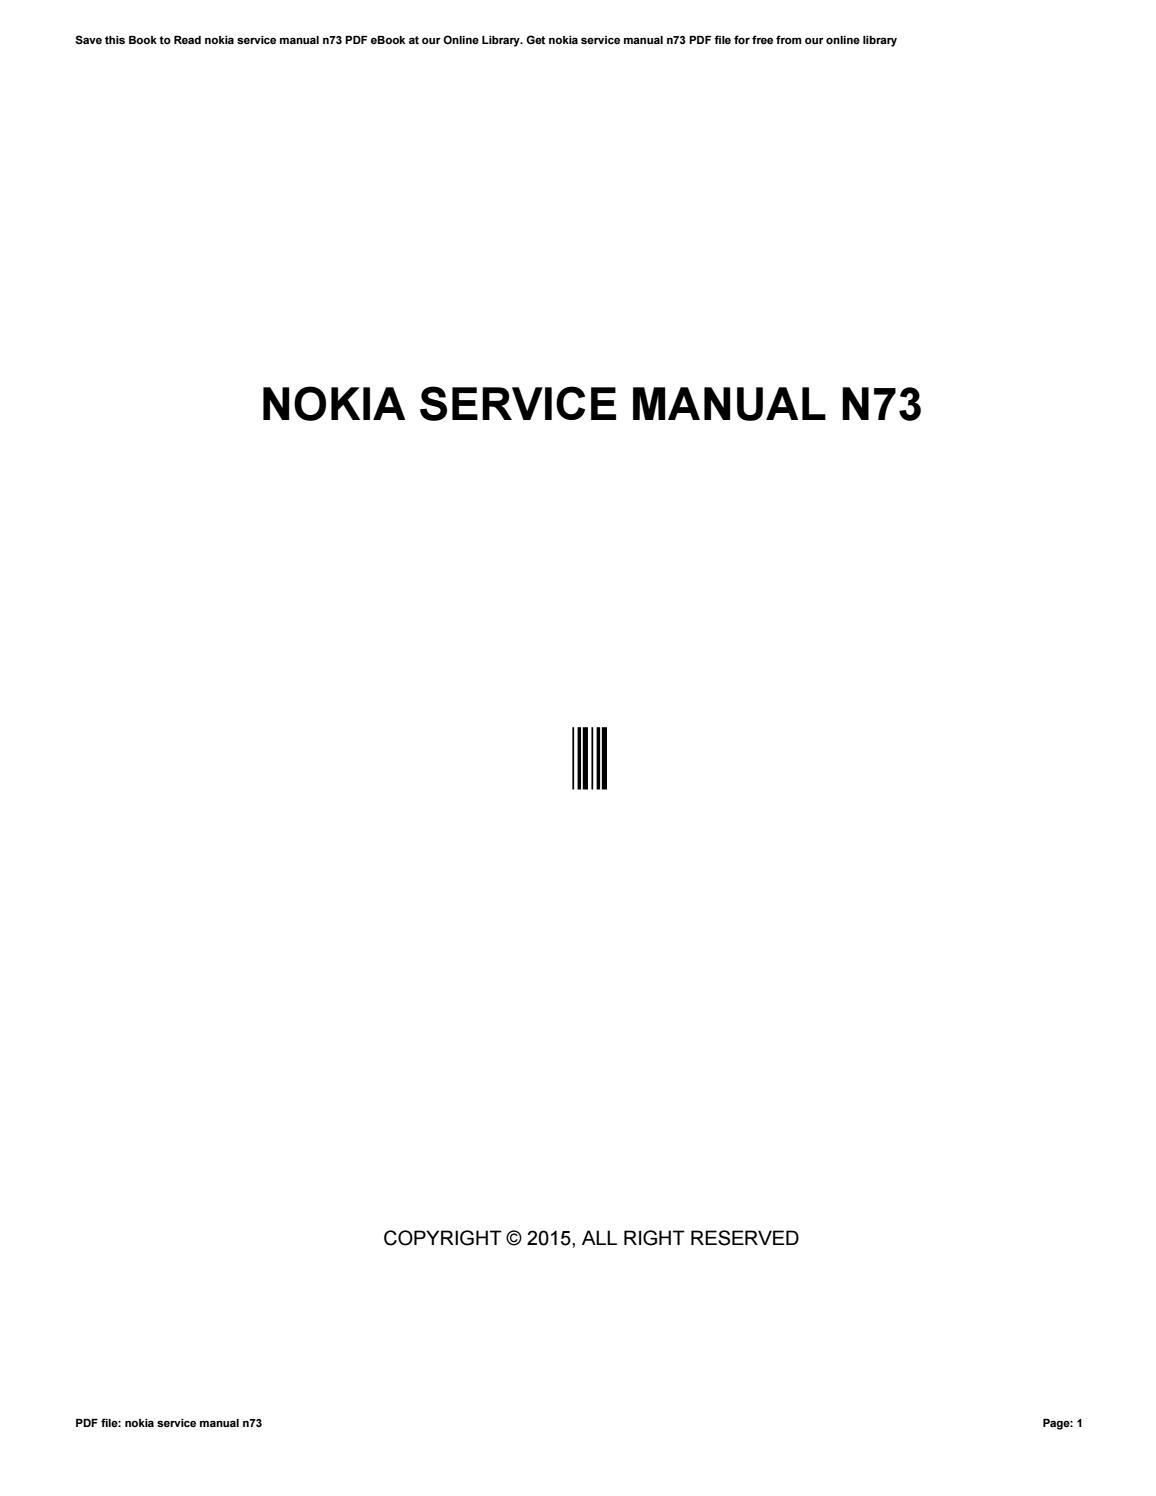 n73 manual